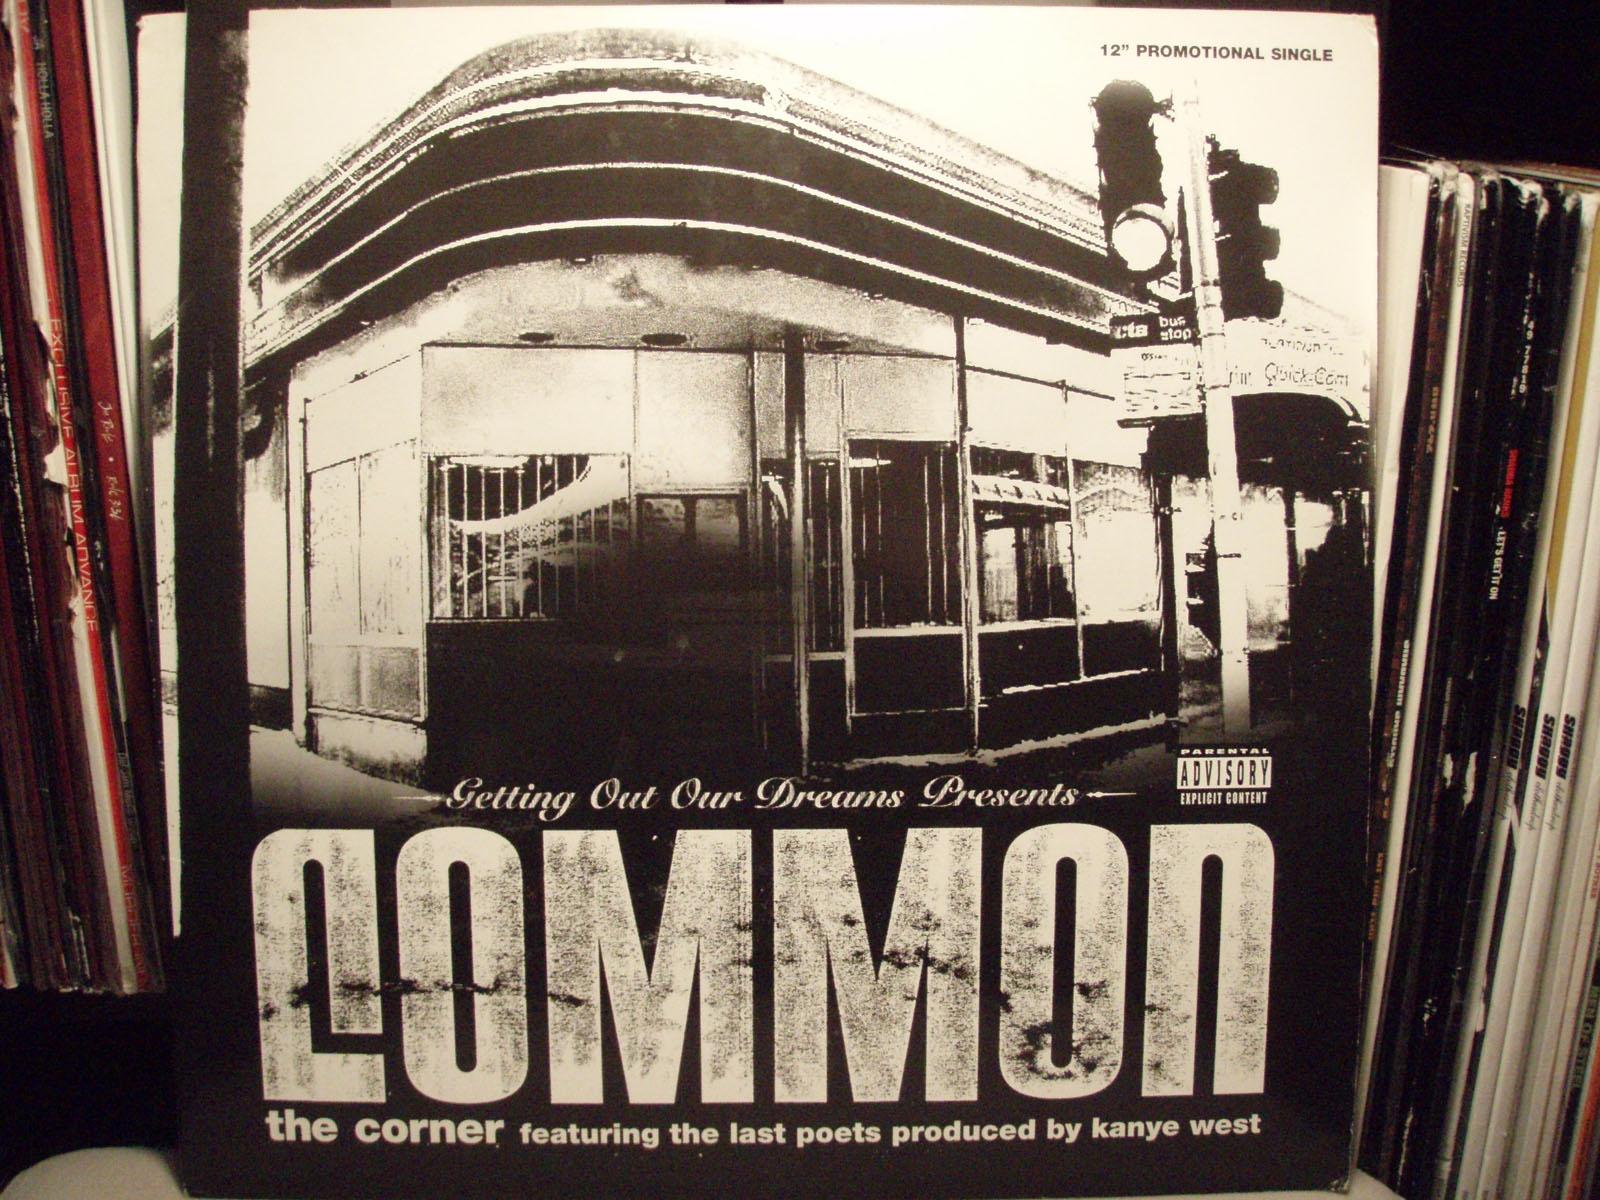 Musique - Les Last poets et l'héritage de la culture urbaine black new-yorkaise : AMERIKKKA -